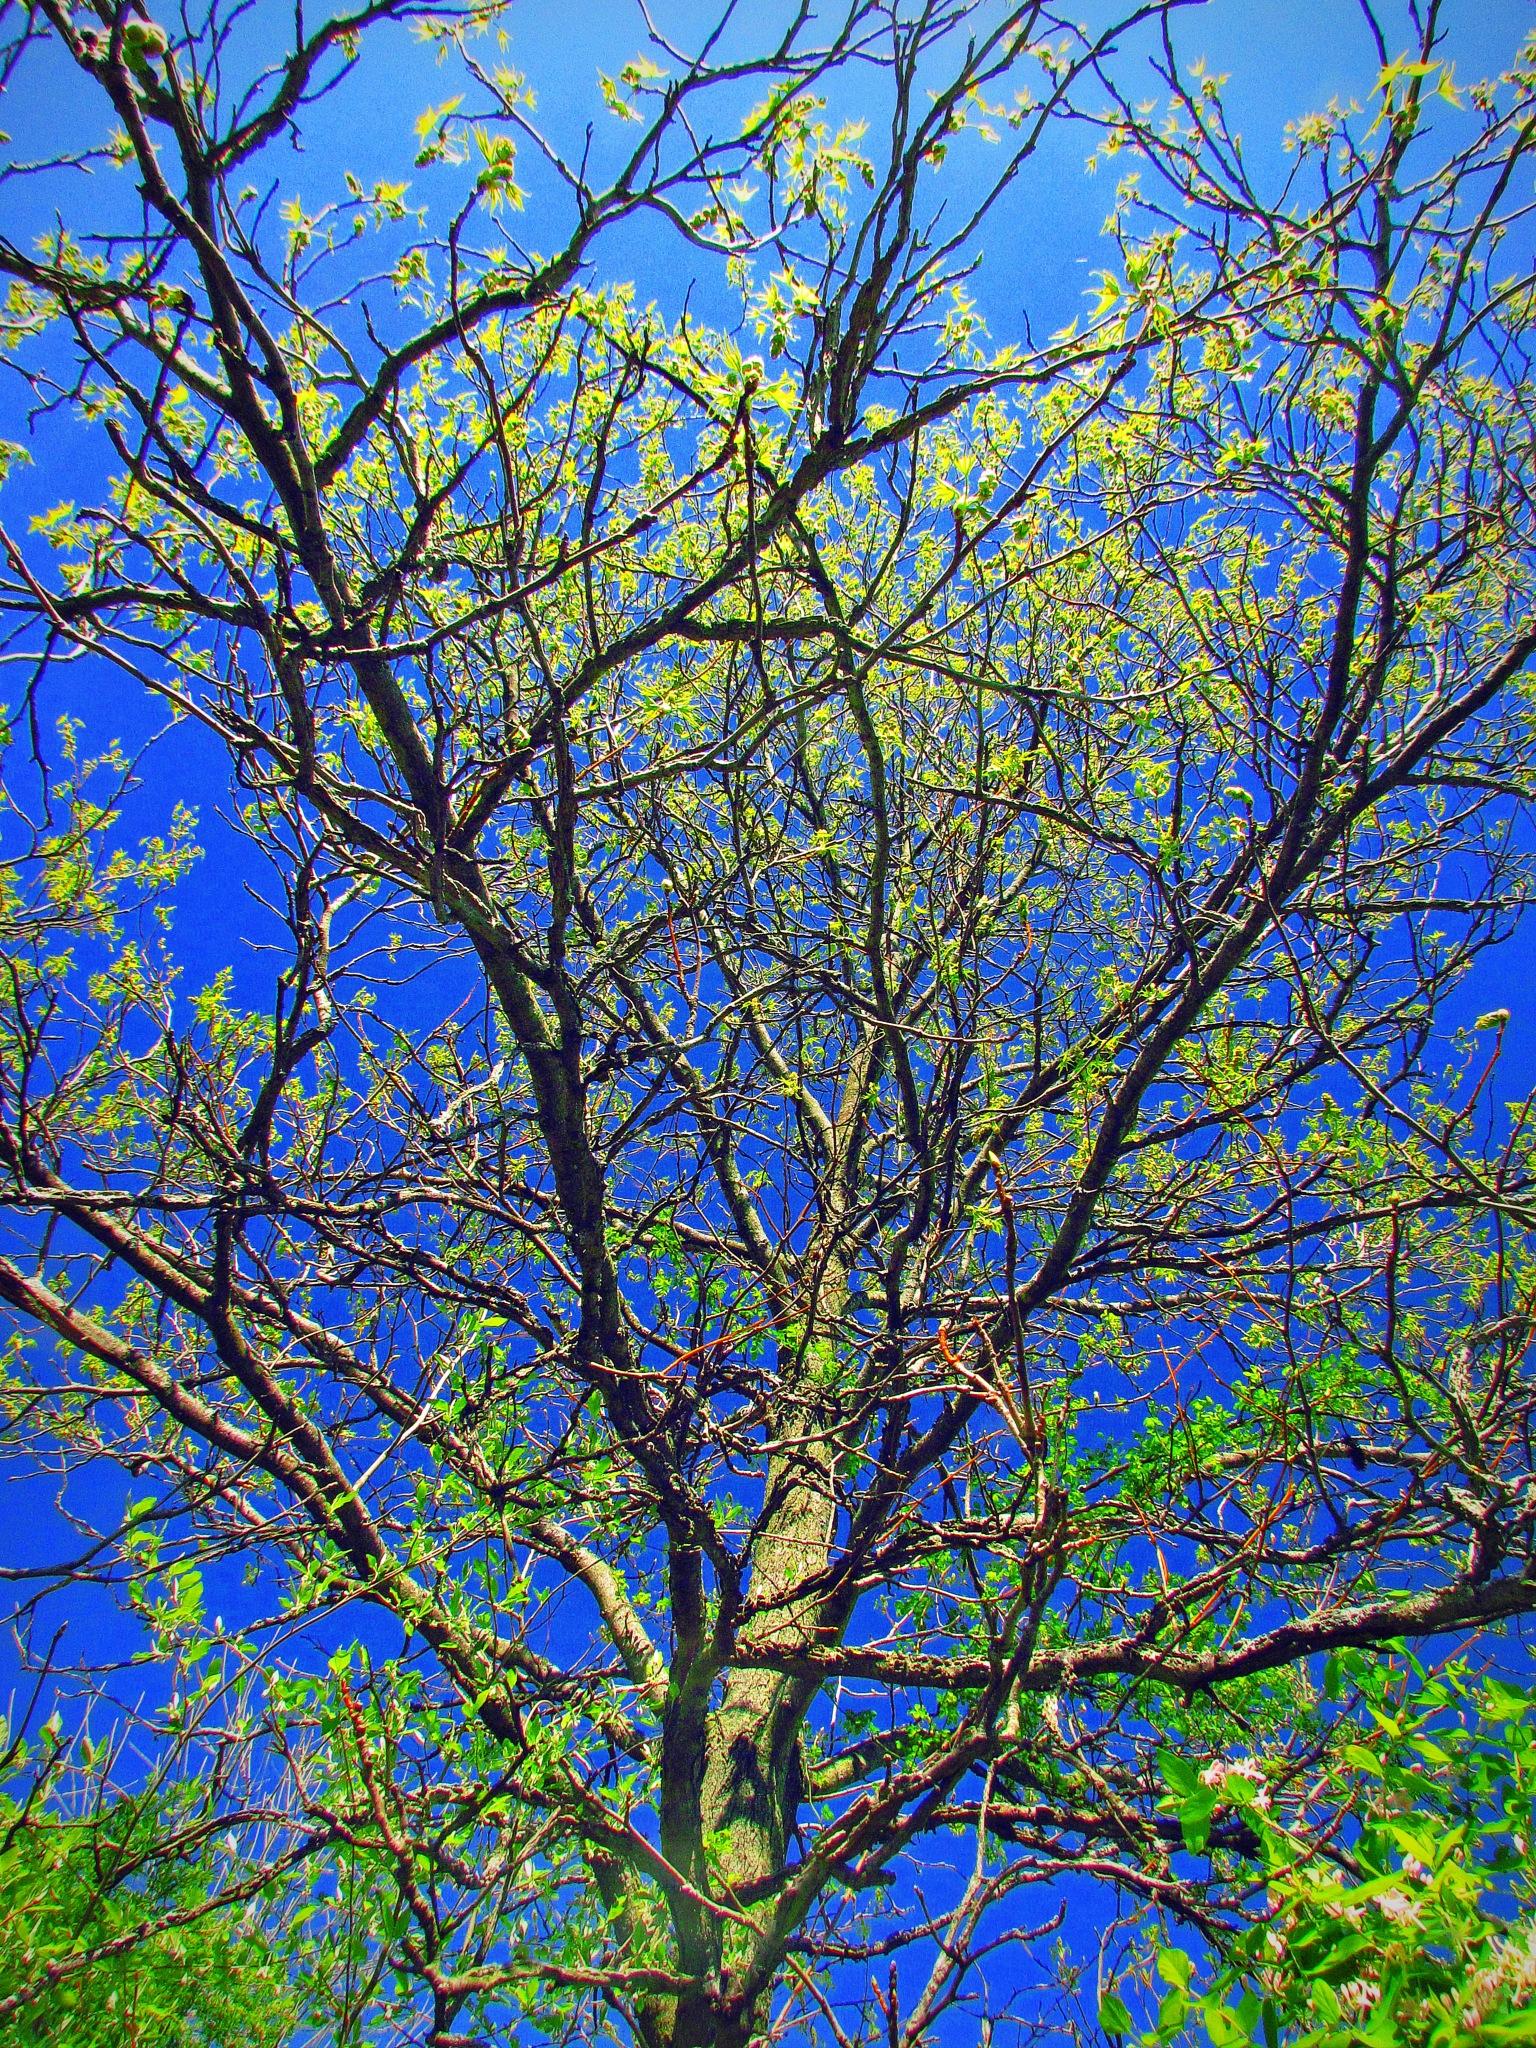 Sweetgum Tree in Spring Bloom by bellamahri